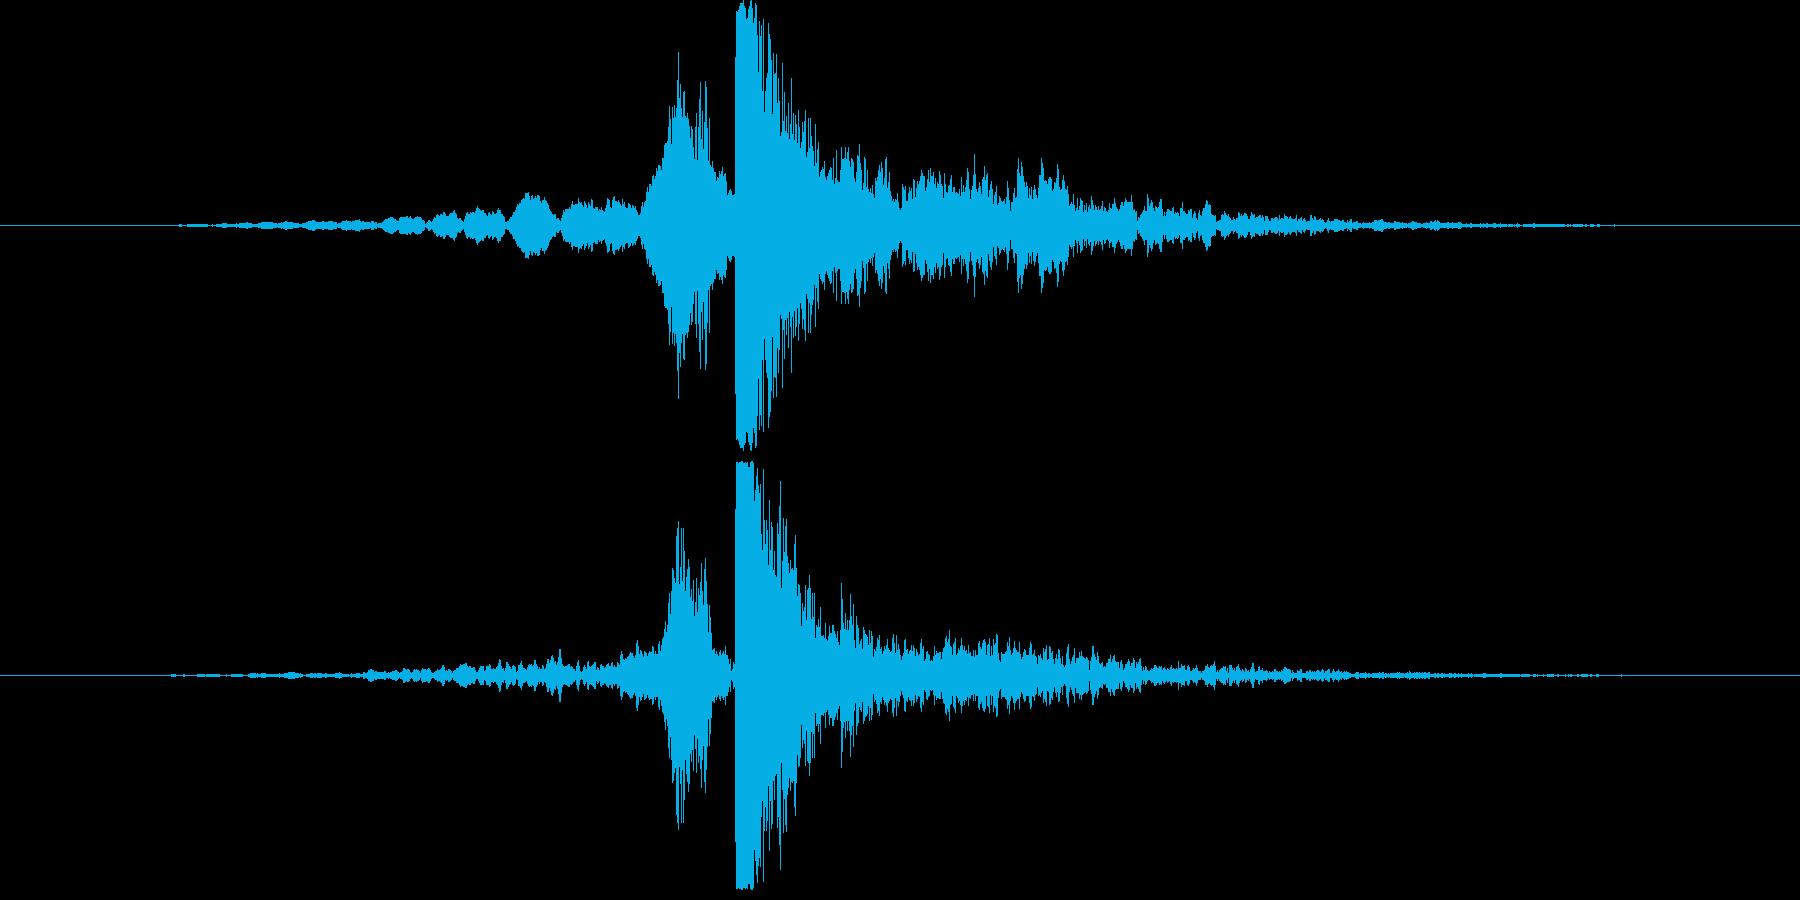 ヒューバン(ホラー系落下音)の再生済みの波形